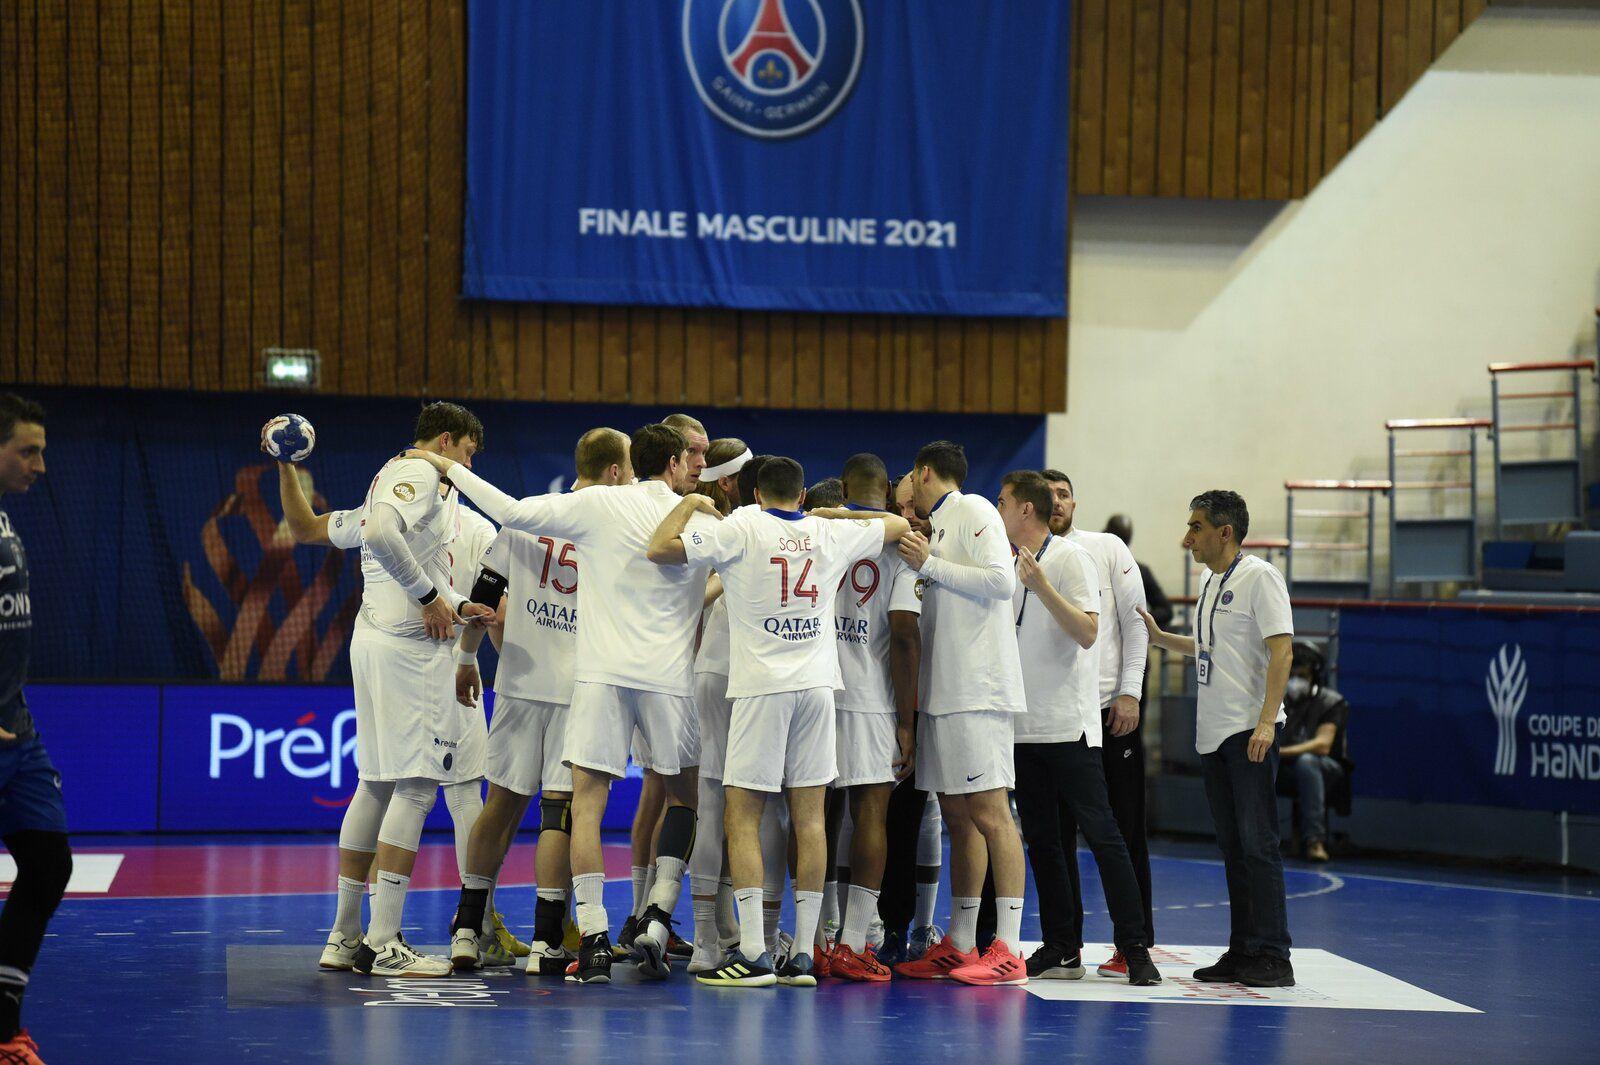 Les parisiens remportent la Coupe de France face à Montpellier (30-26) -credit photos @twitter PSG handball